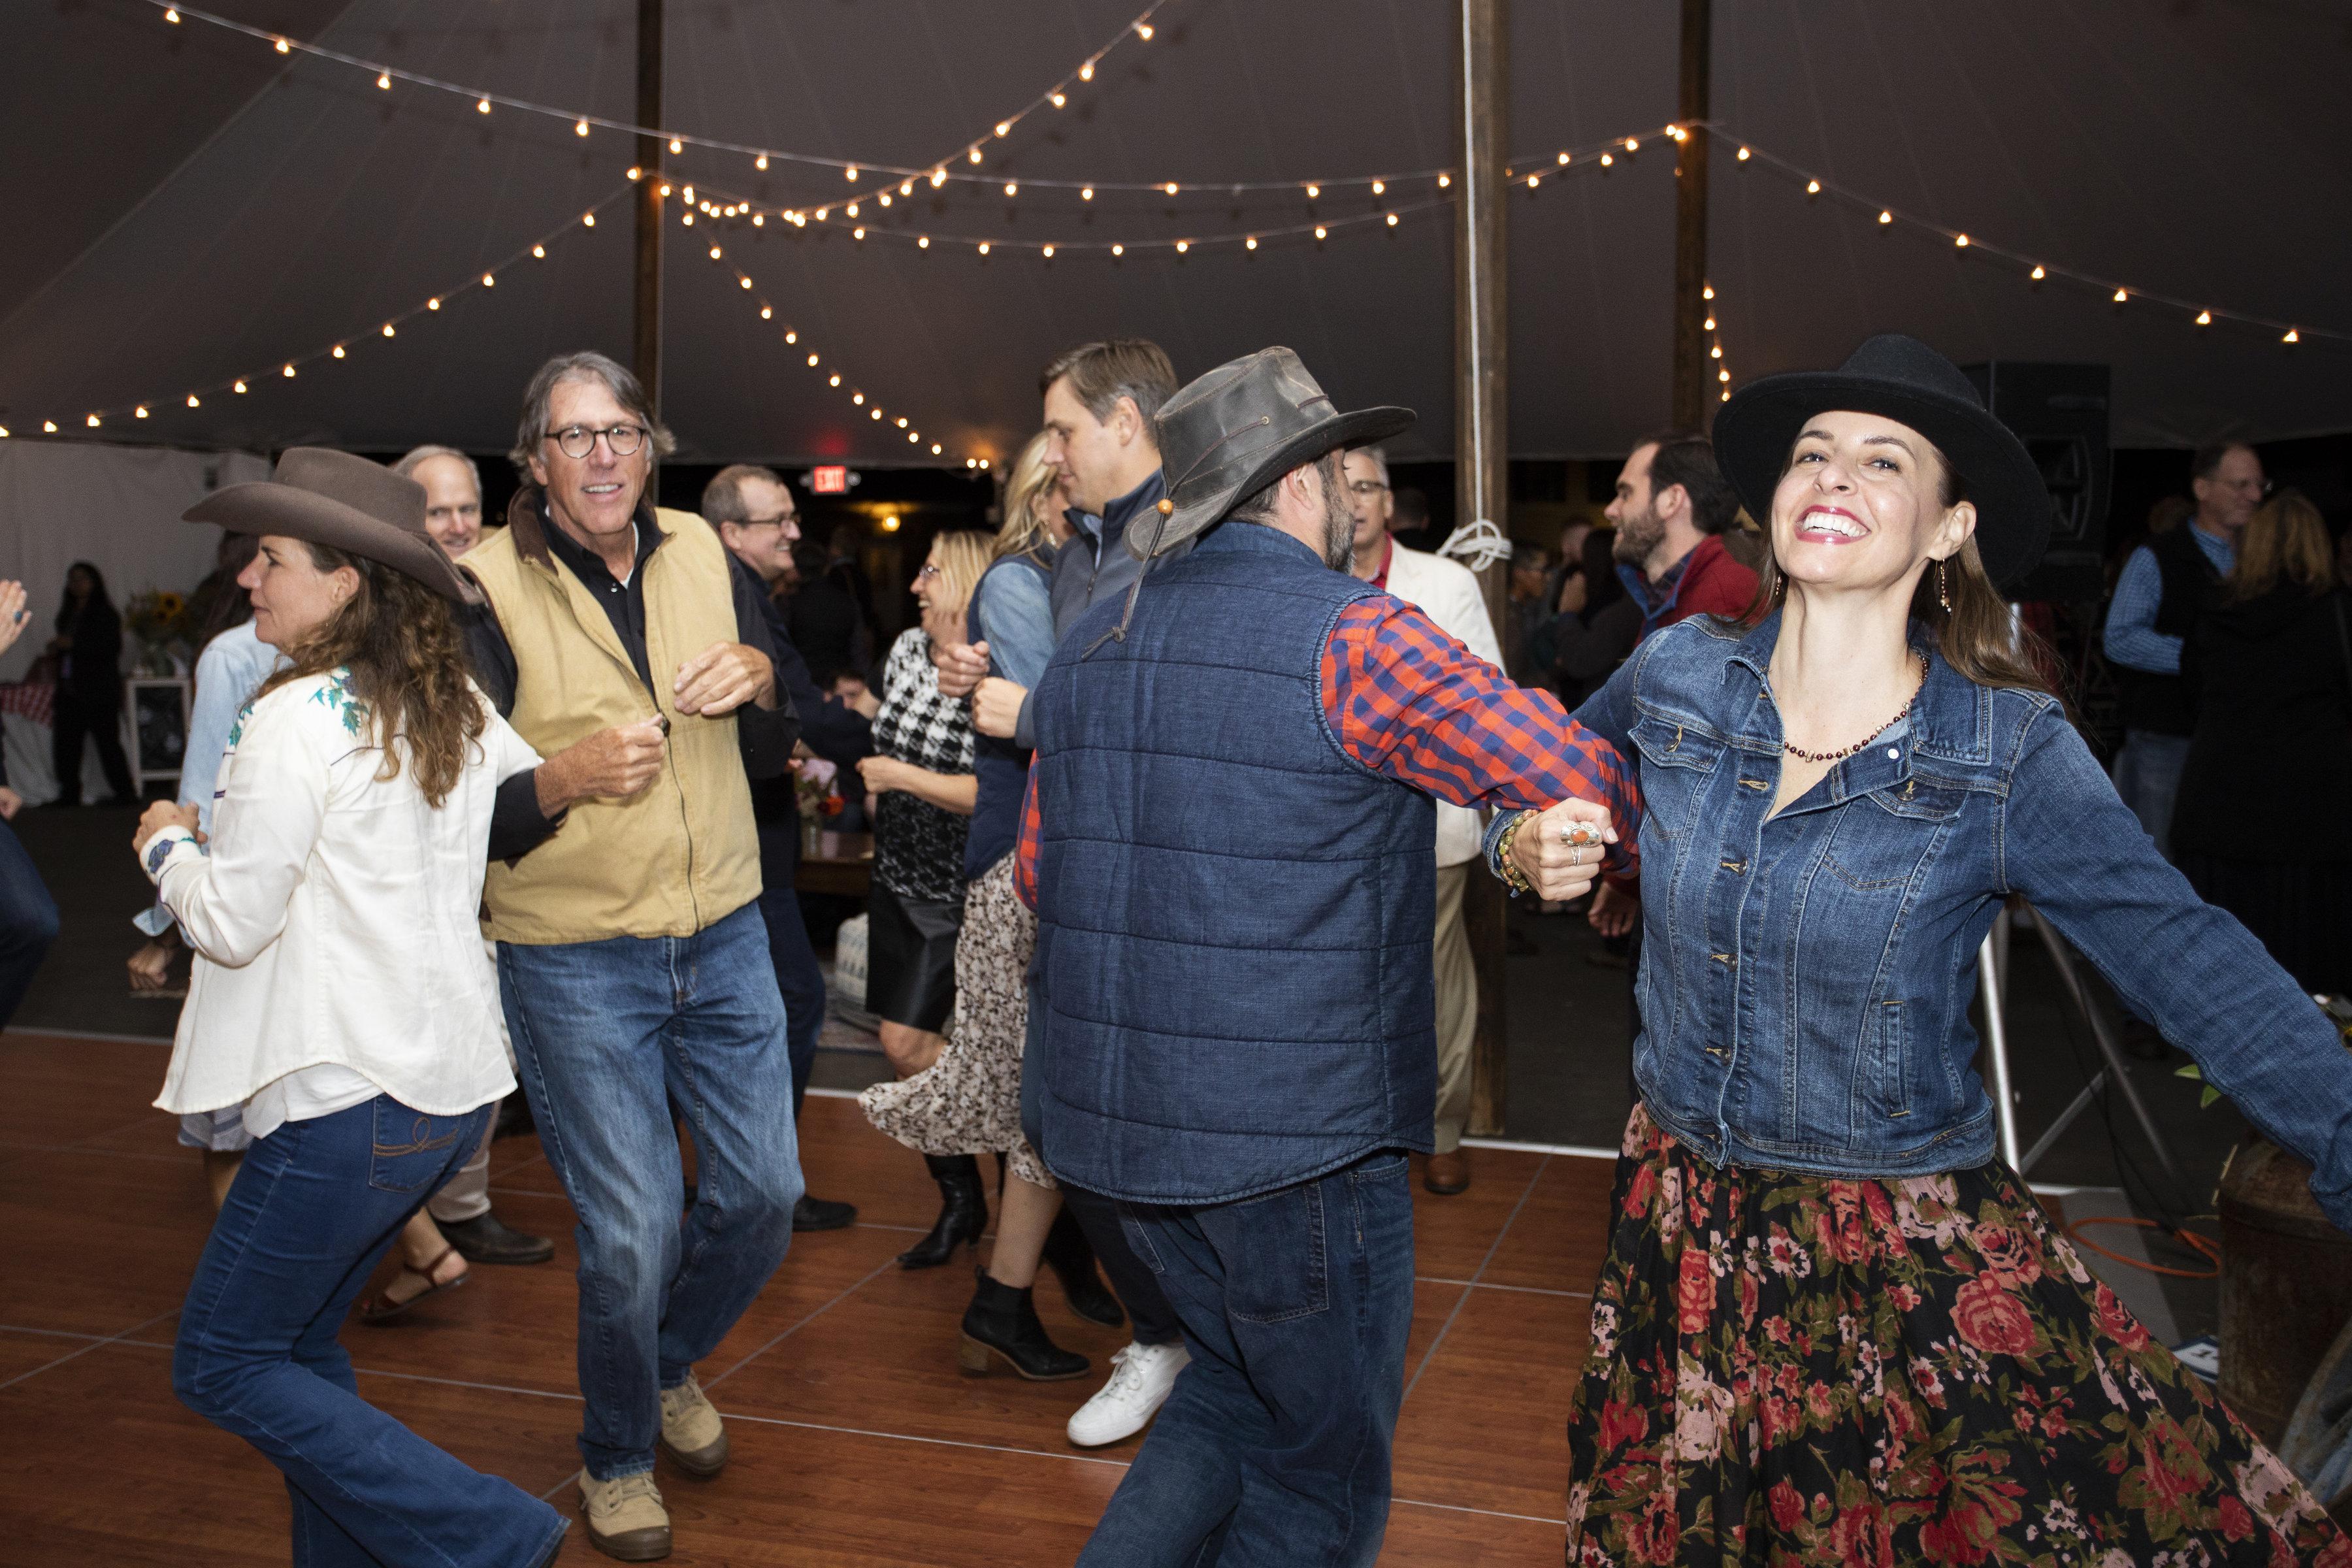 Music + Dancing